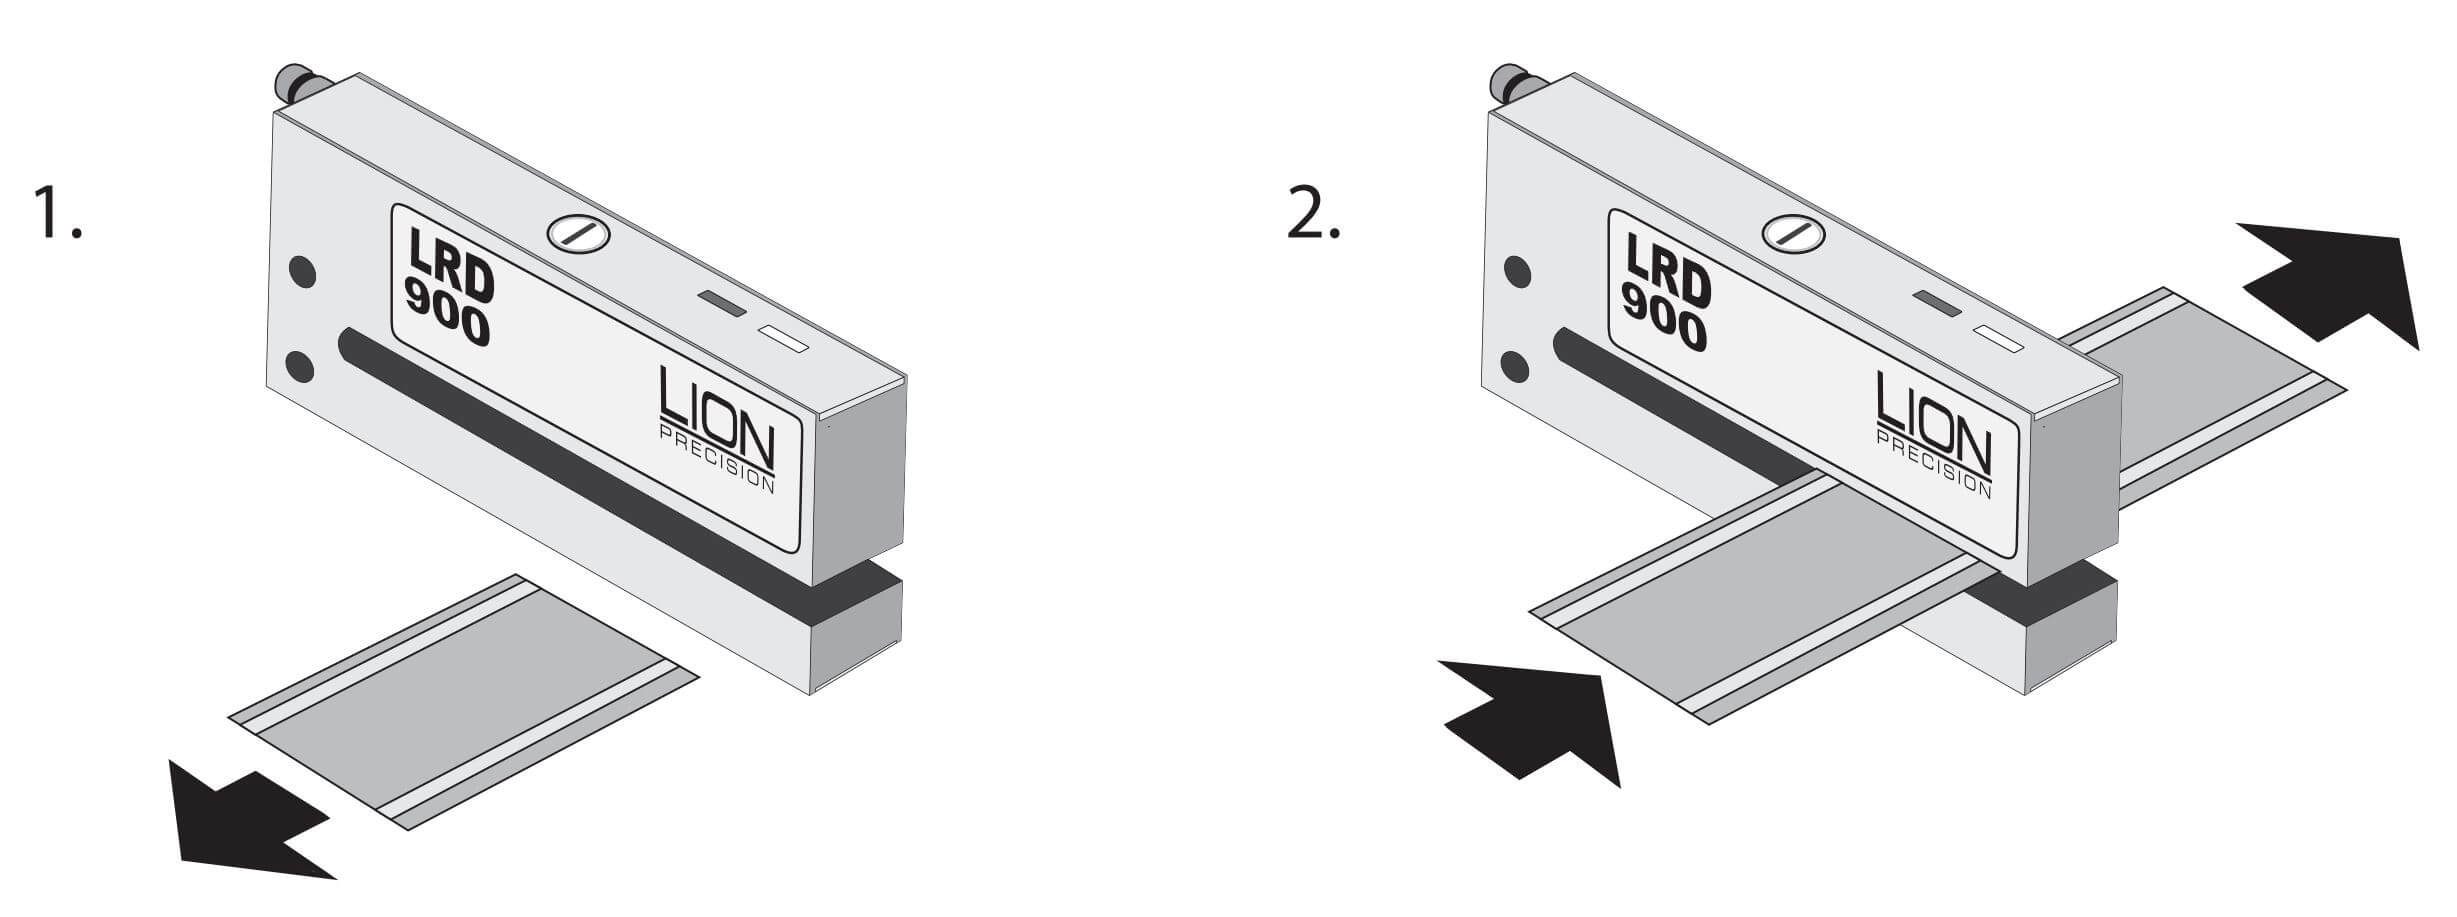 LRD900ステップ1